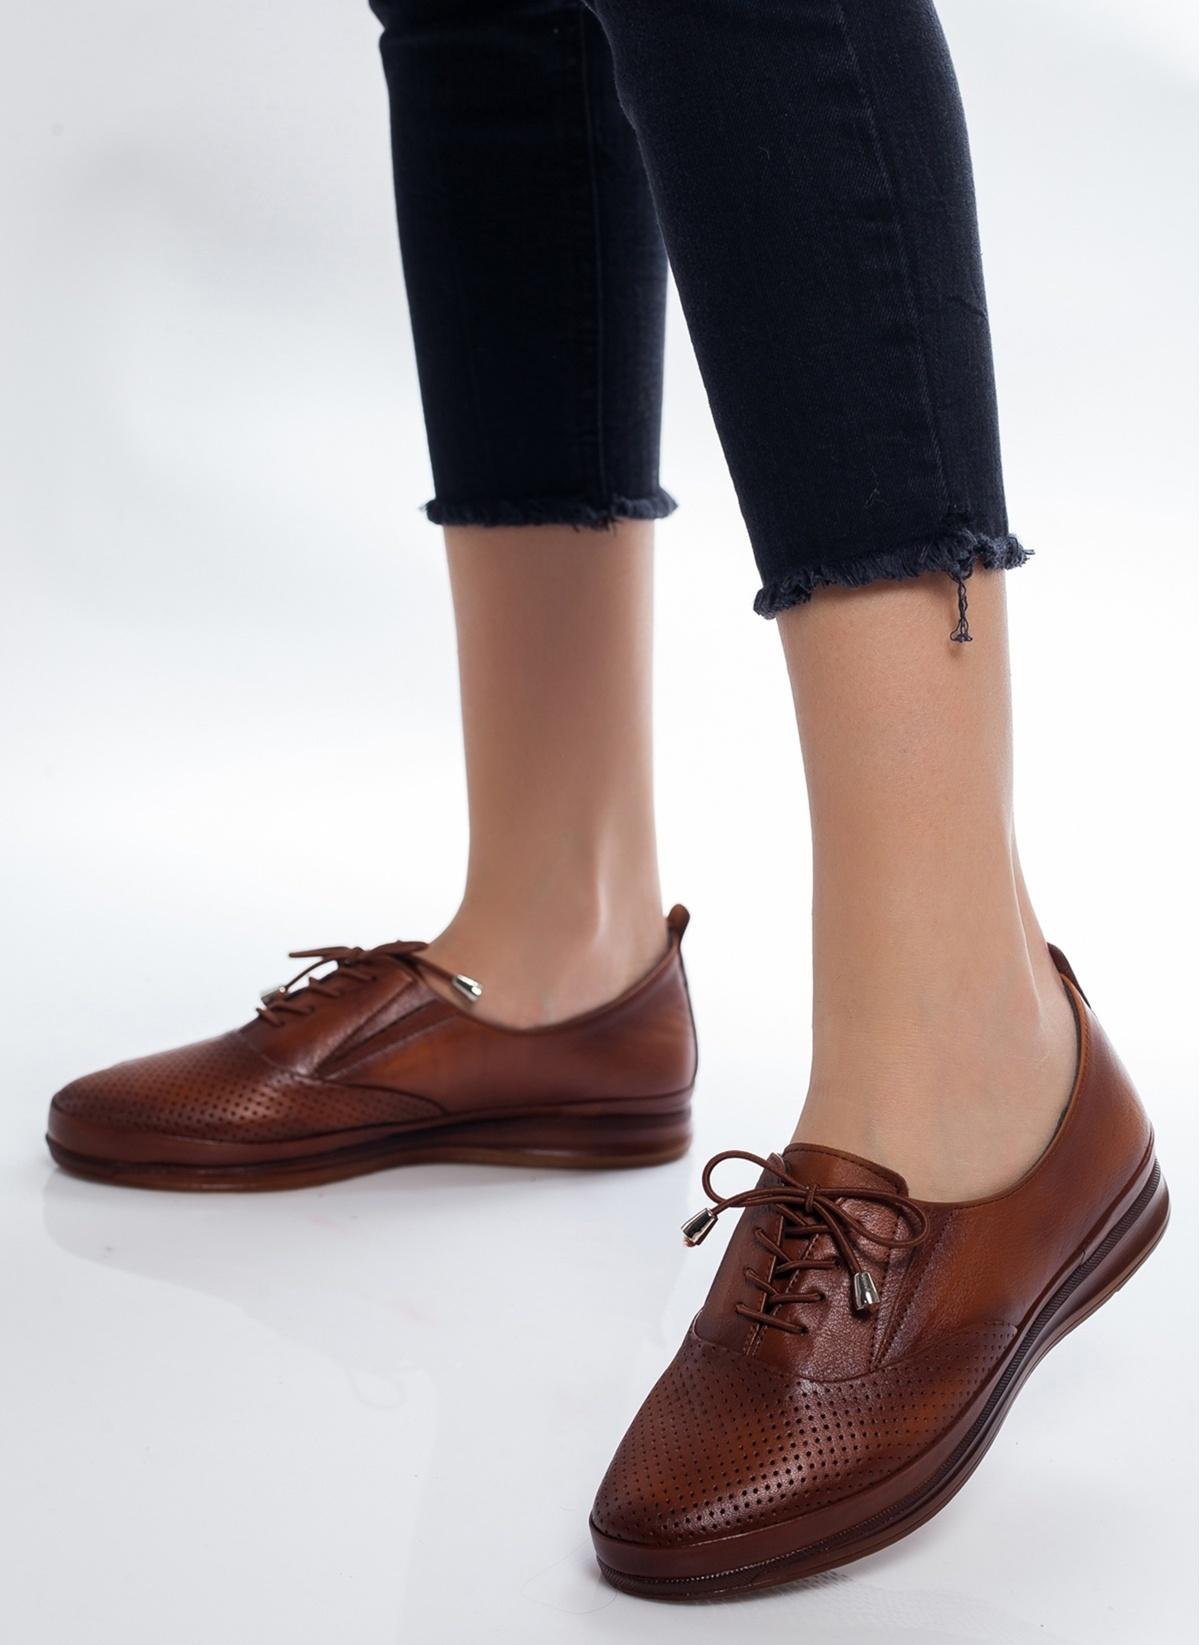 Efem Deri Ayakkabı 19ystl1957221 Günlük Ayakkabı – 225.0 TL